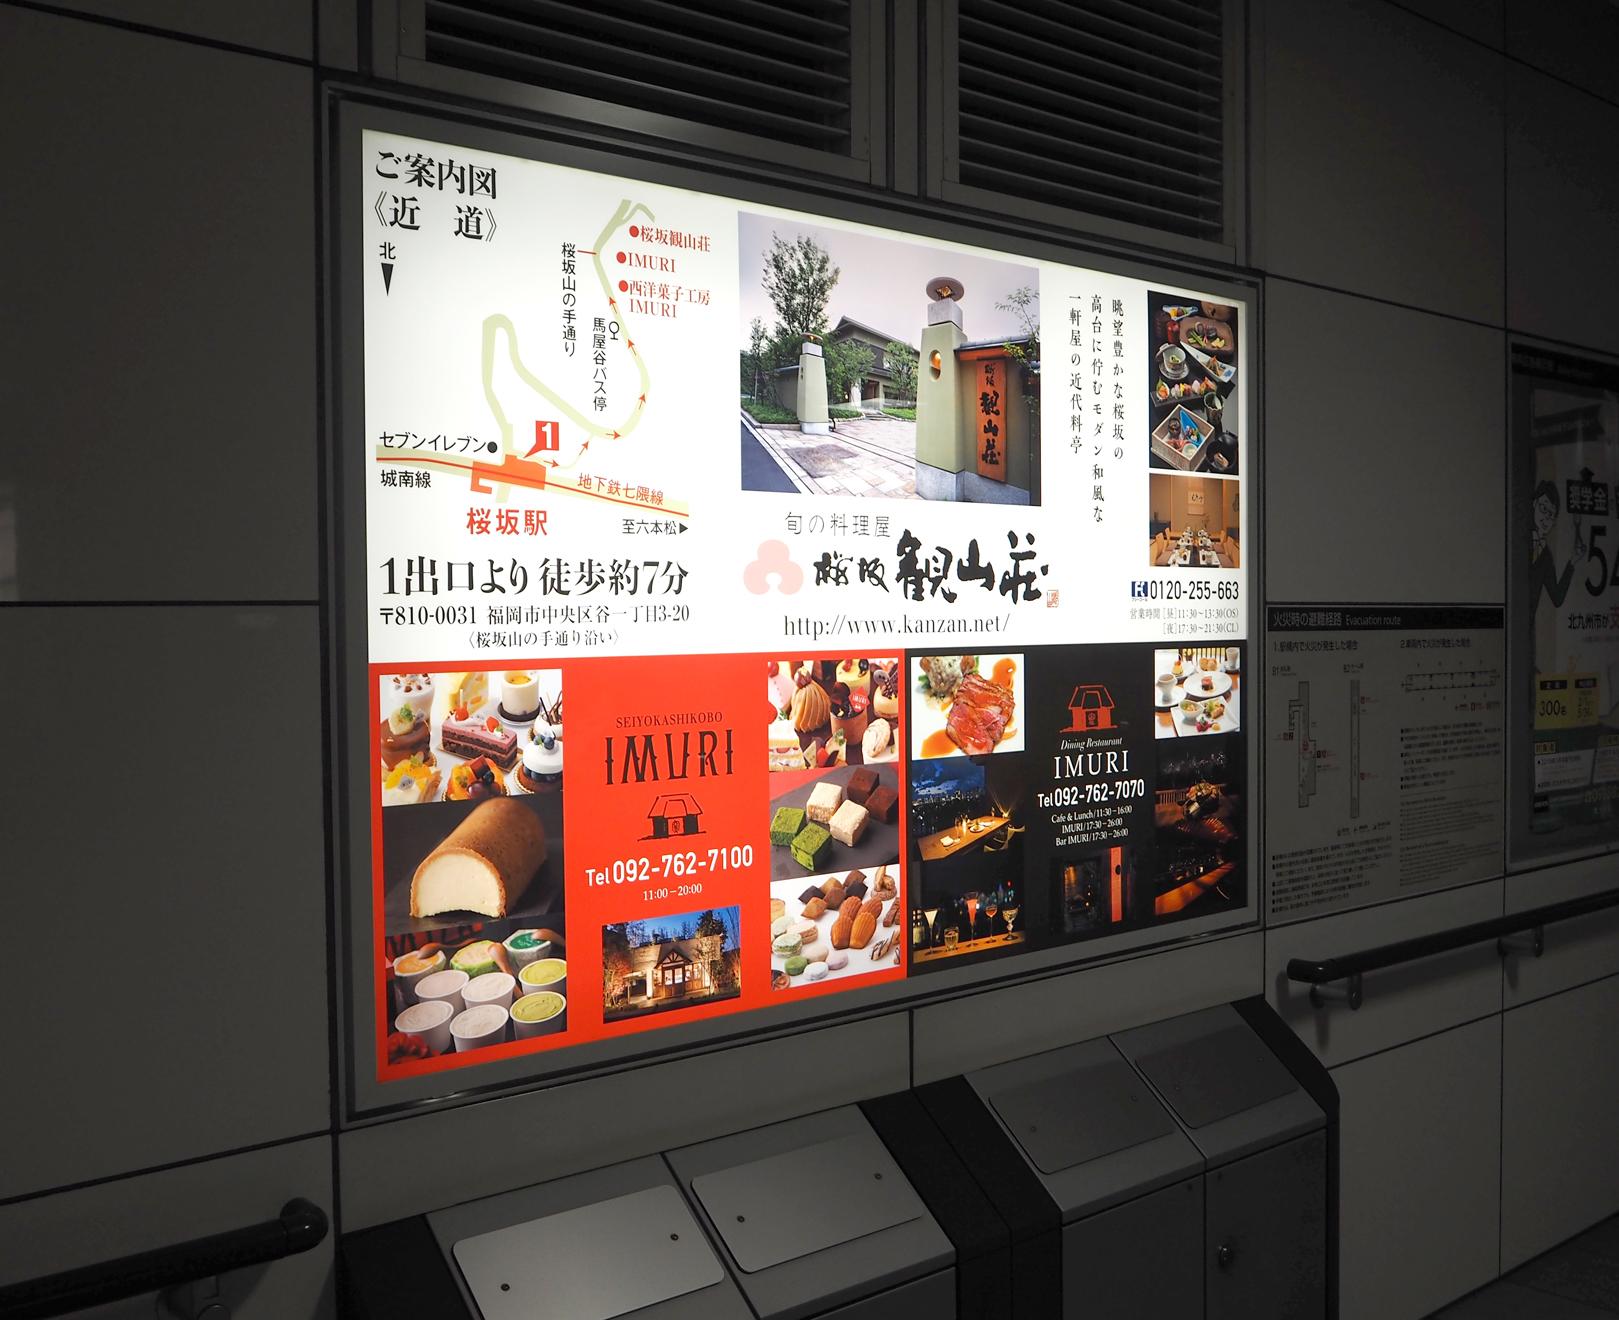 観山グループ地下鉄広告